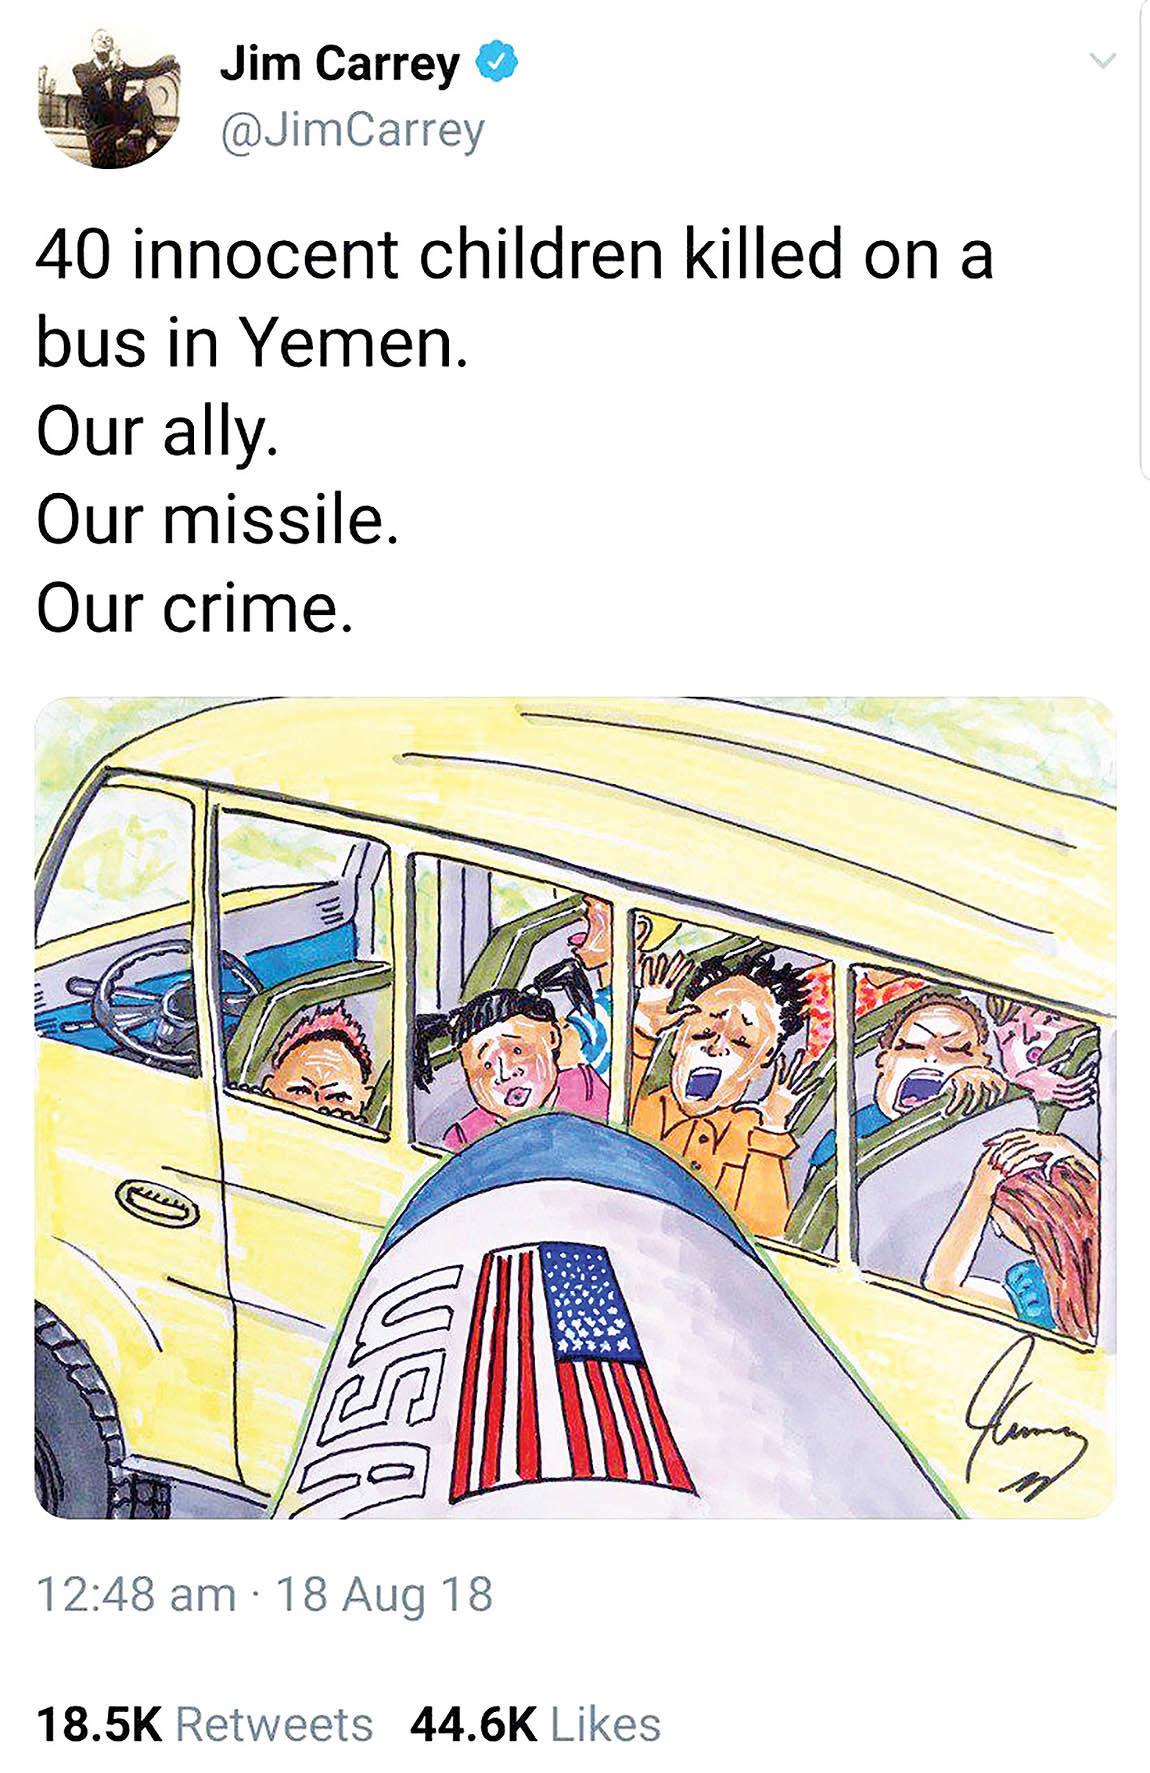 نقاشی جیم کری در محکوم کردن یک جنایت